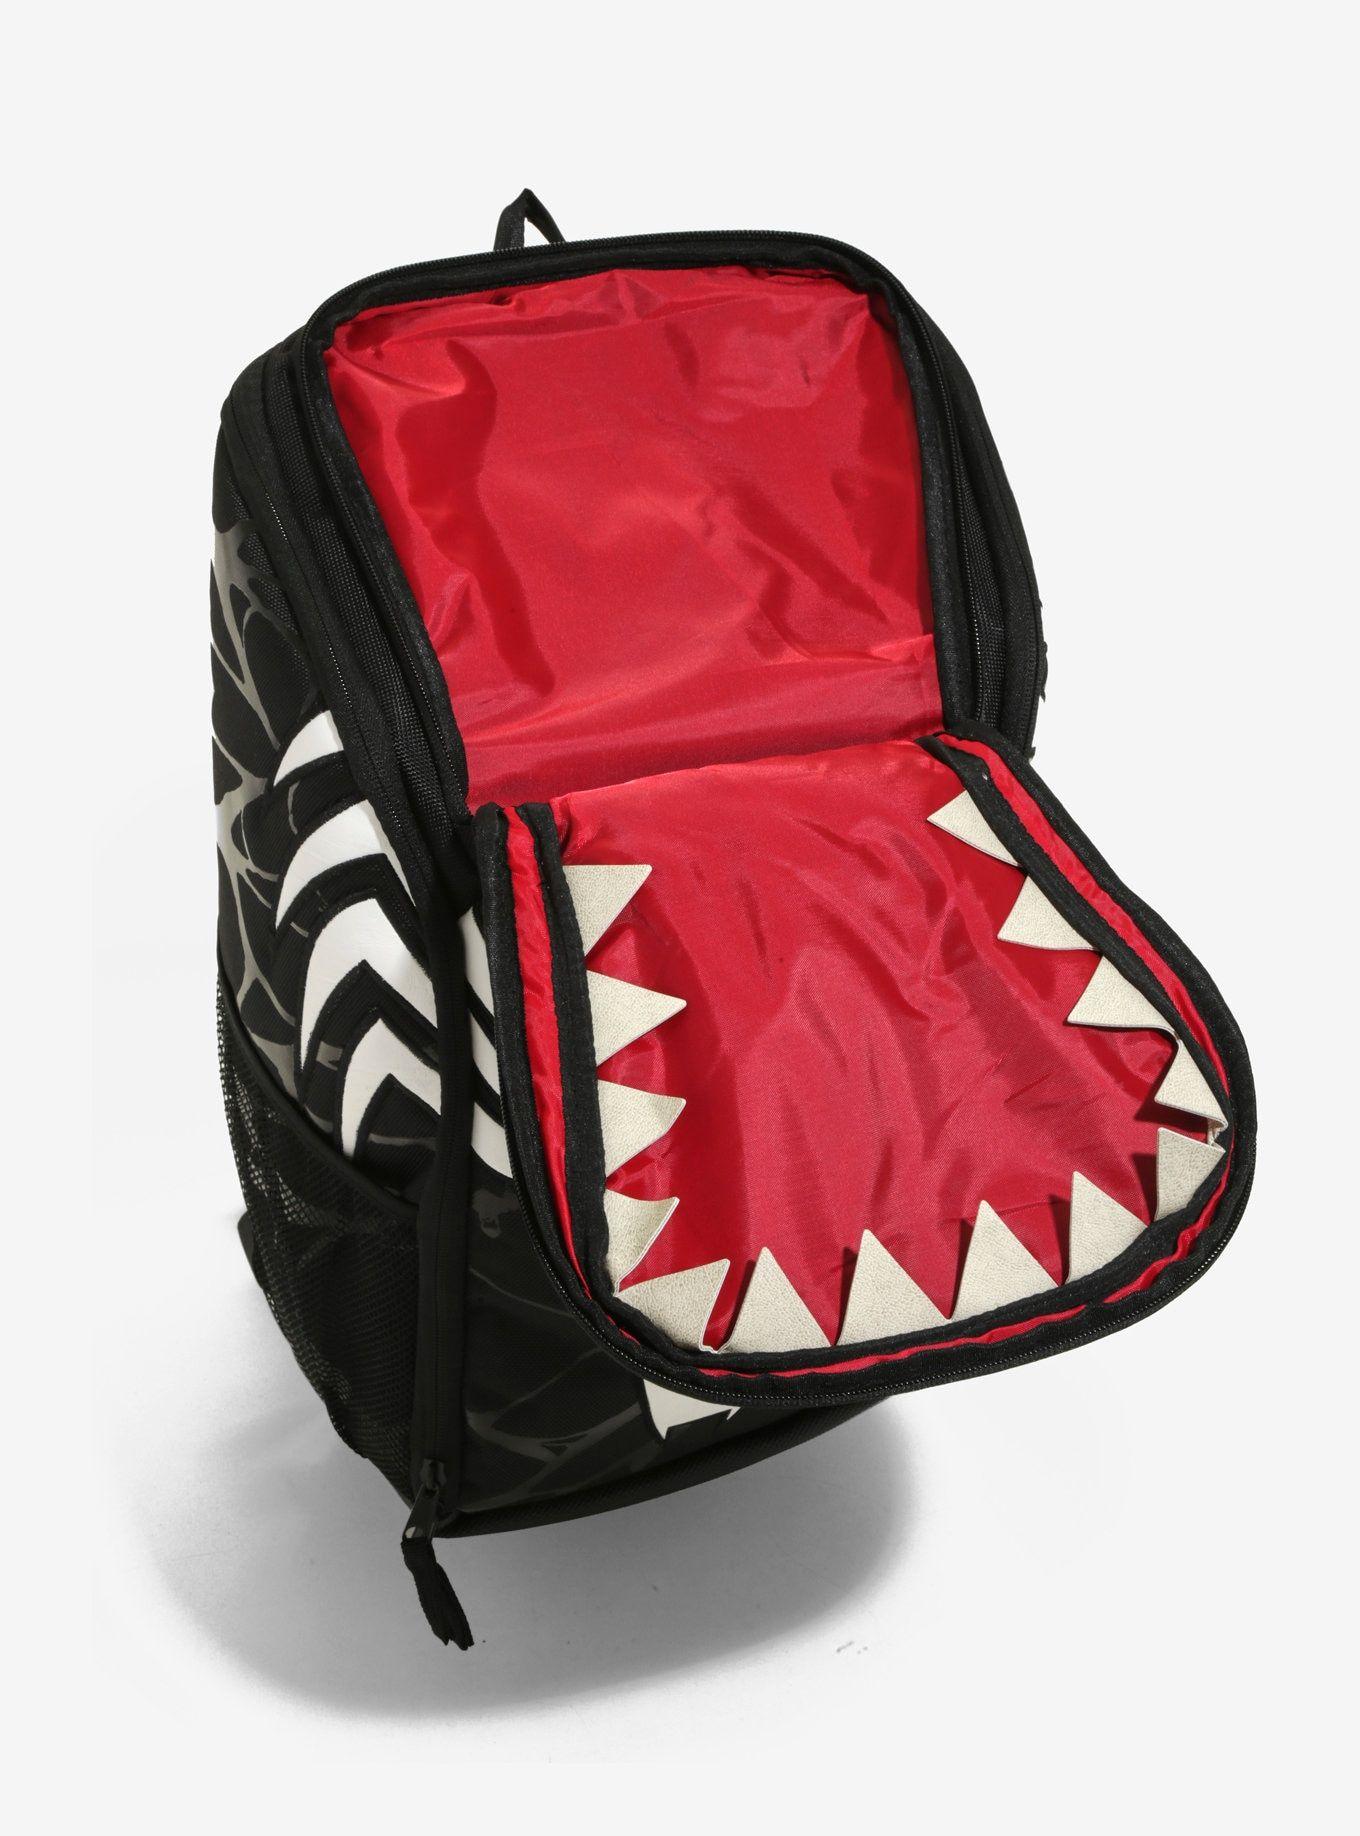 635aca96205c20 Marvel Venom Built-Up Backpack | Geek Things | Marvel venom, Venom ...